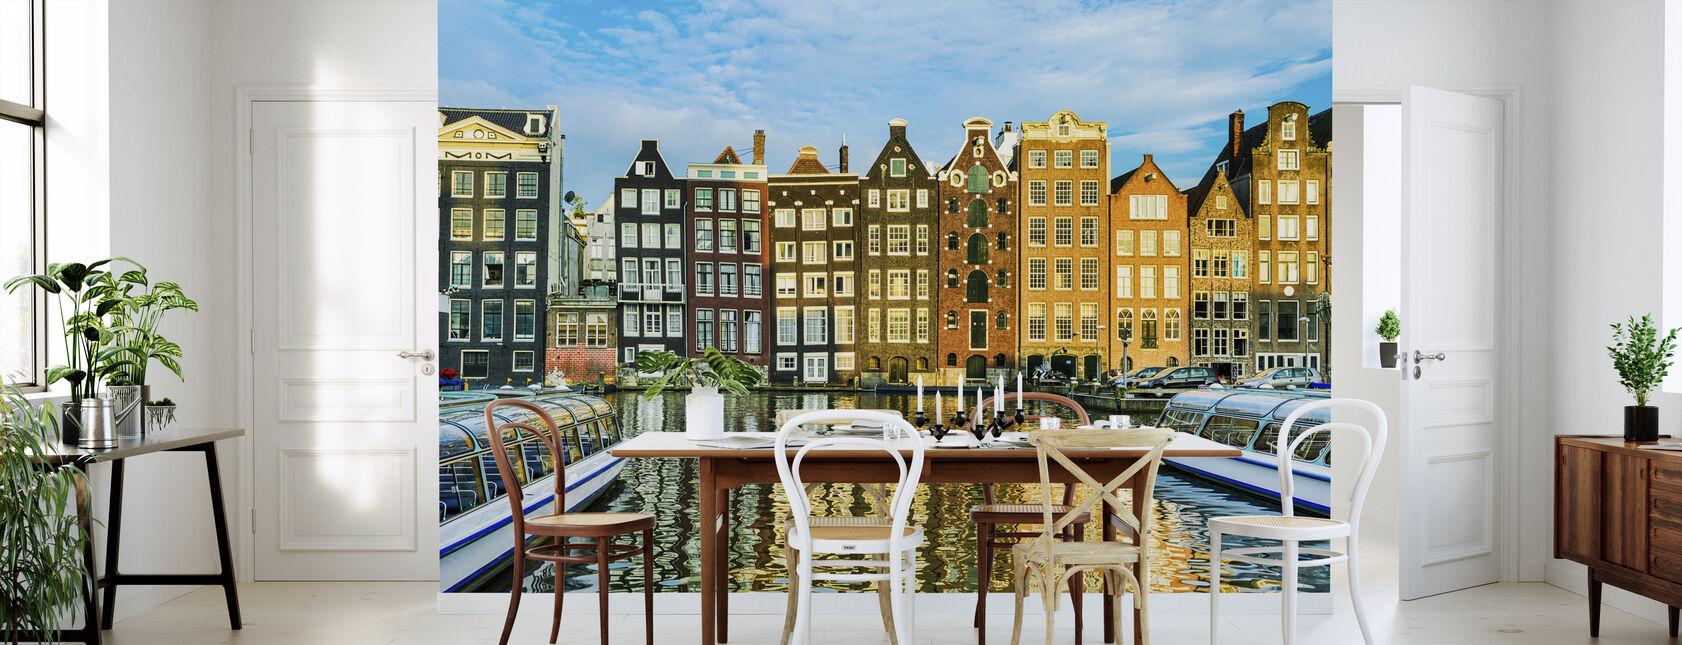 Traditionelle Häuser von Amsterdam, Niederlande - Tapete - Küchen